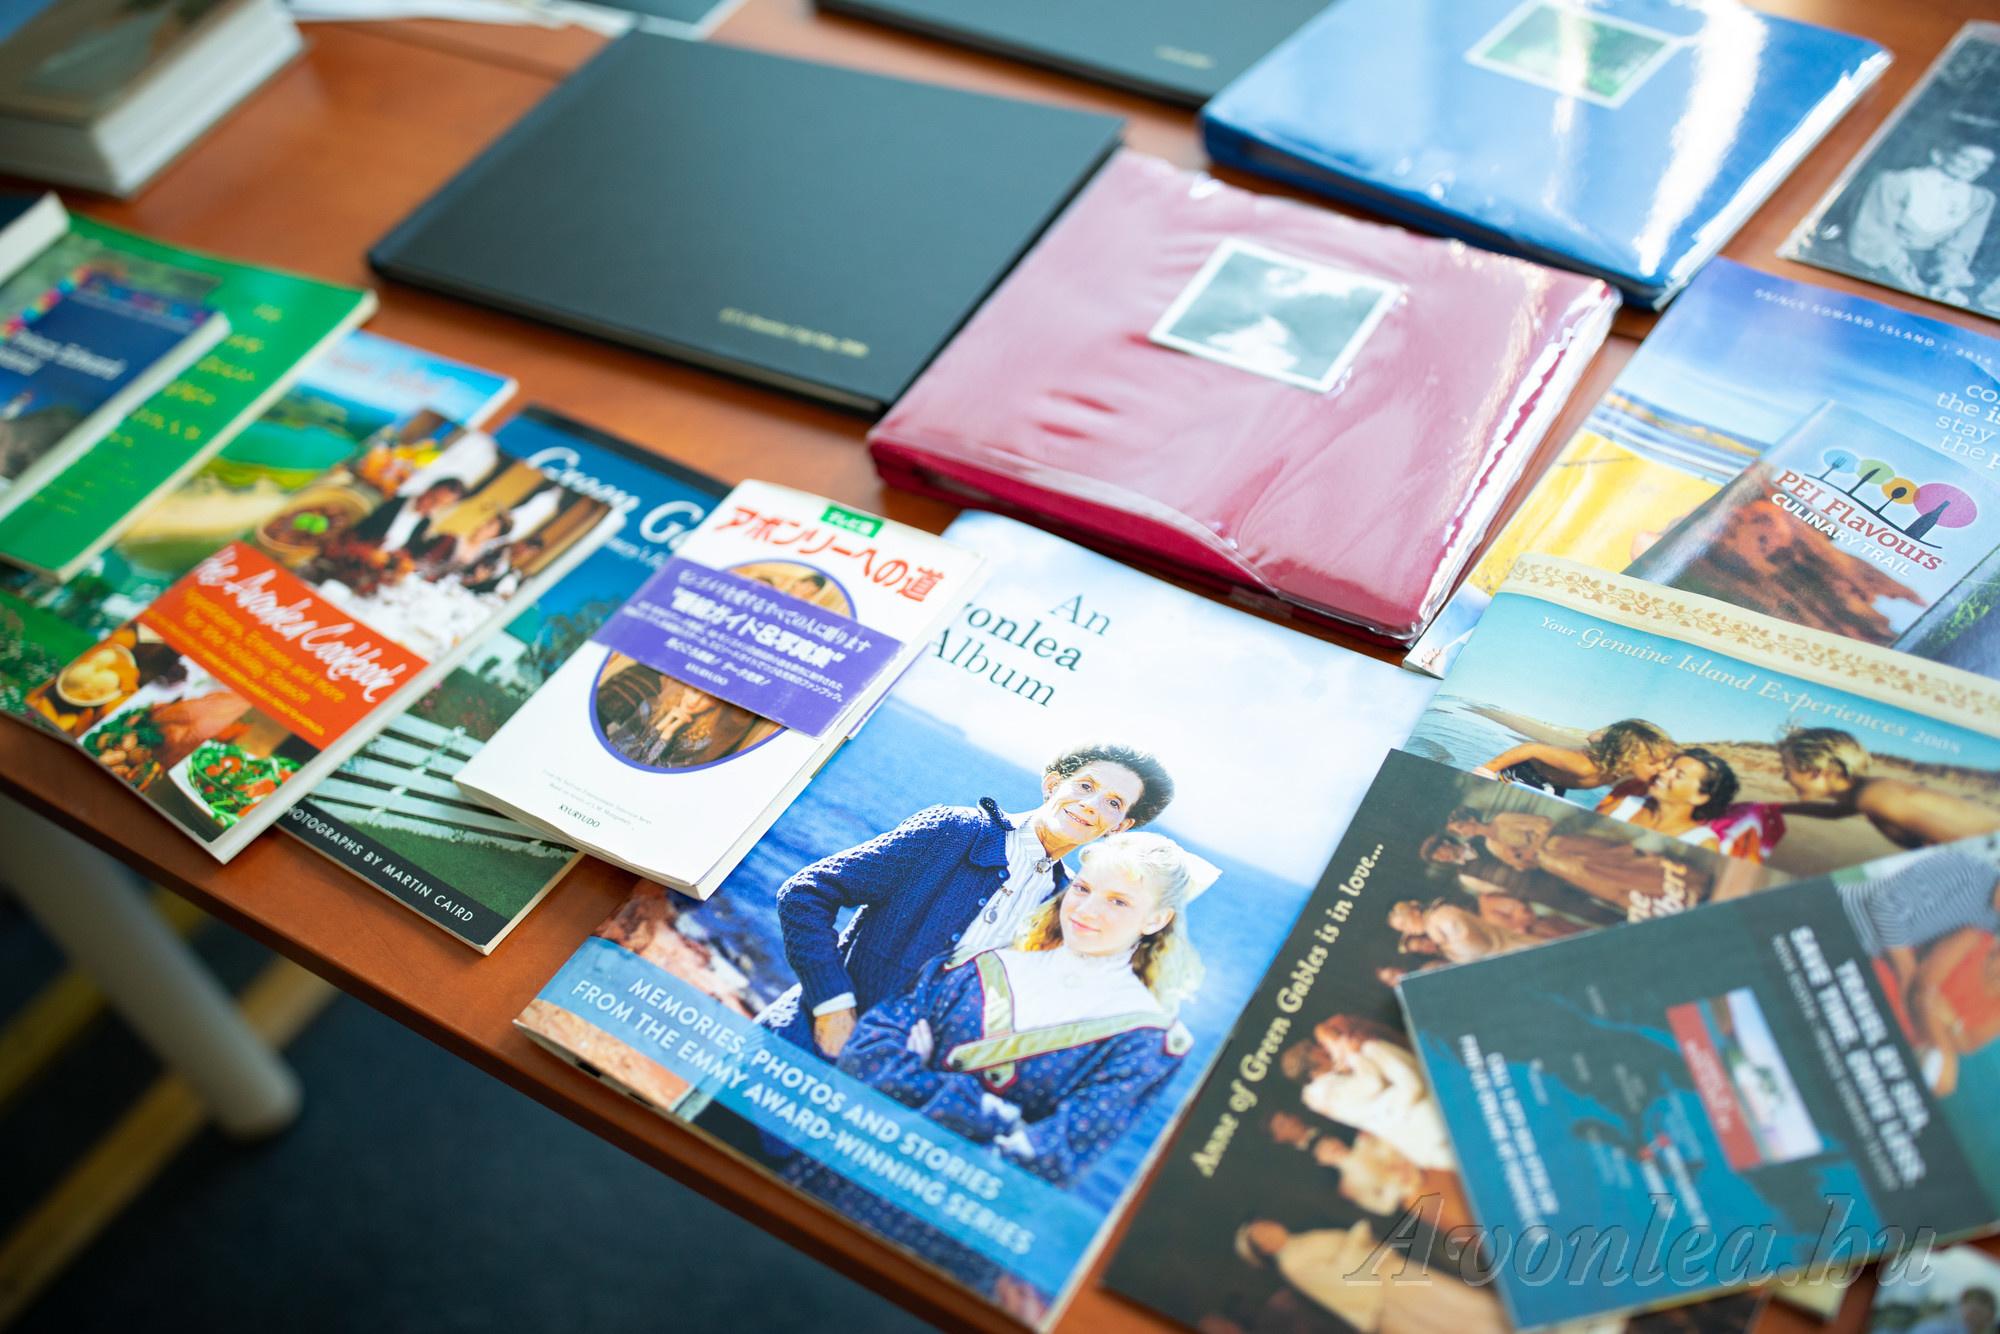 A Váratlan utazáshoz, a Prince Edward-szigethez kapcsolódó könyvek, kiadványok